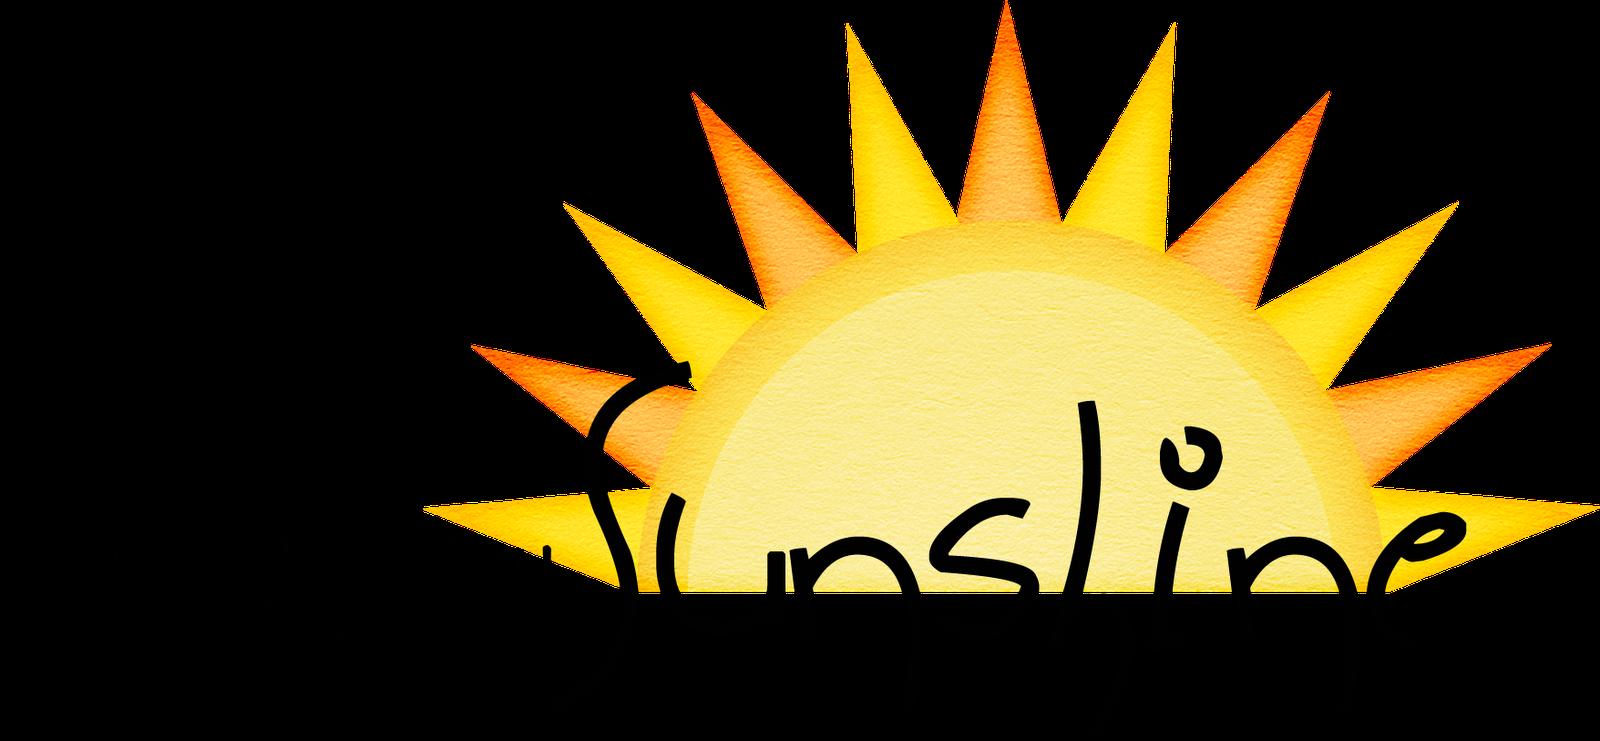 google clip art sunshine - photo #50